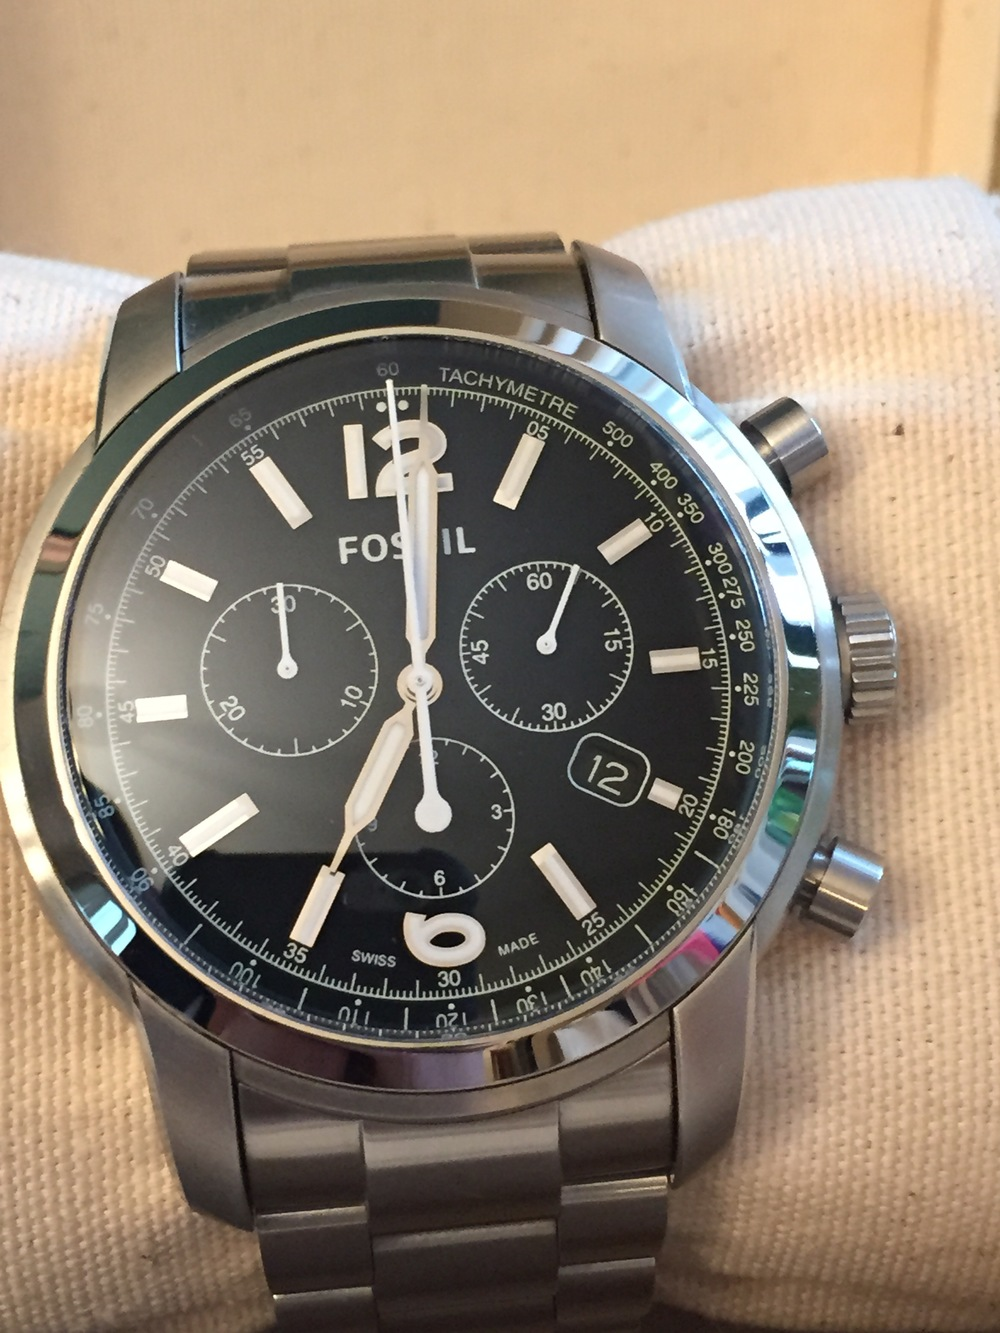 FSW7000